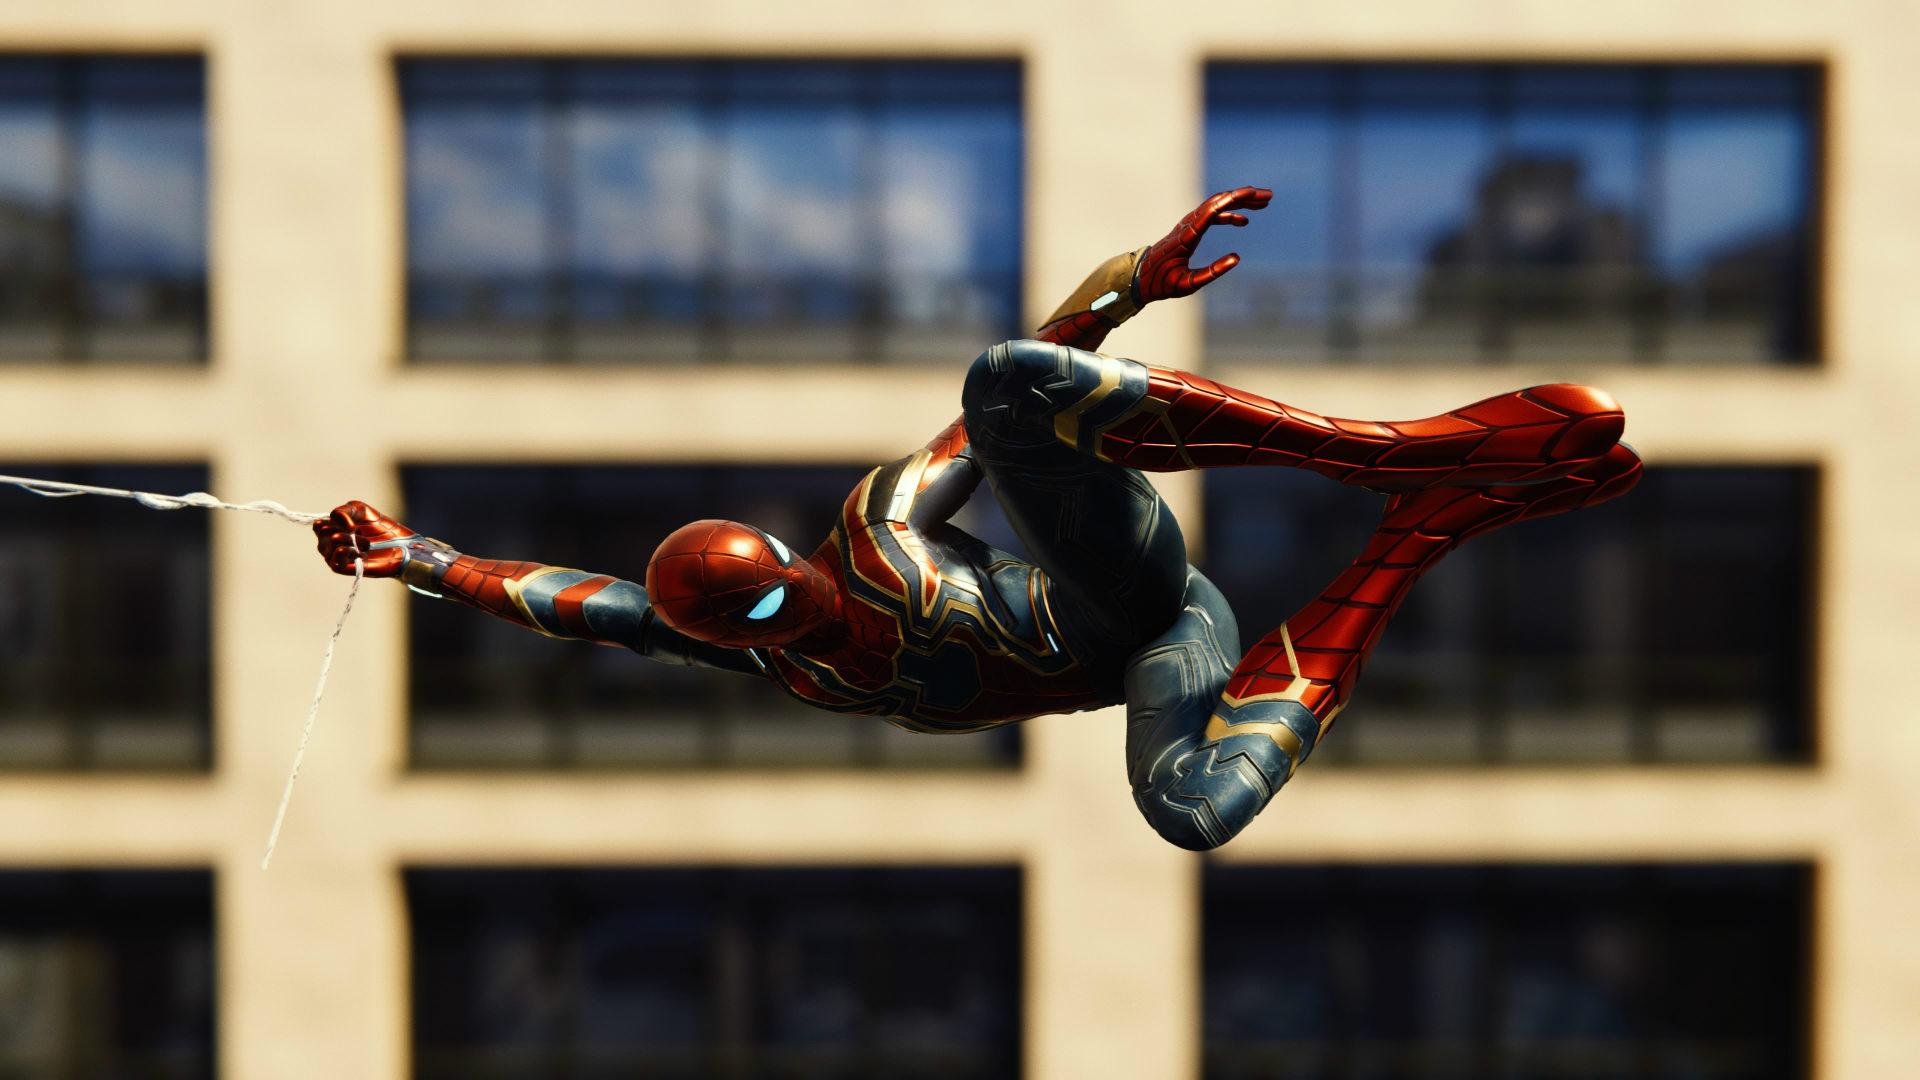 Spiderman PS4 modo foto